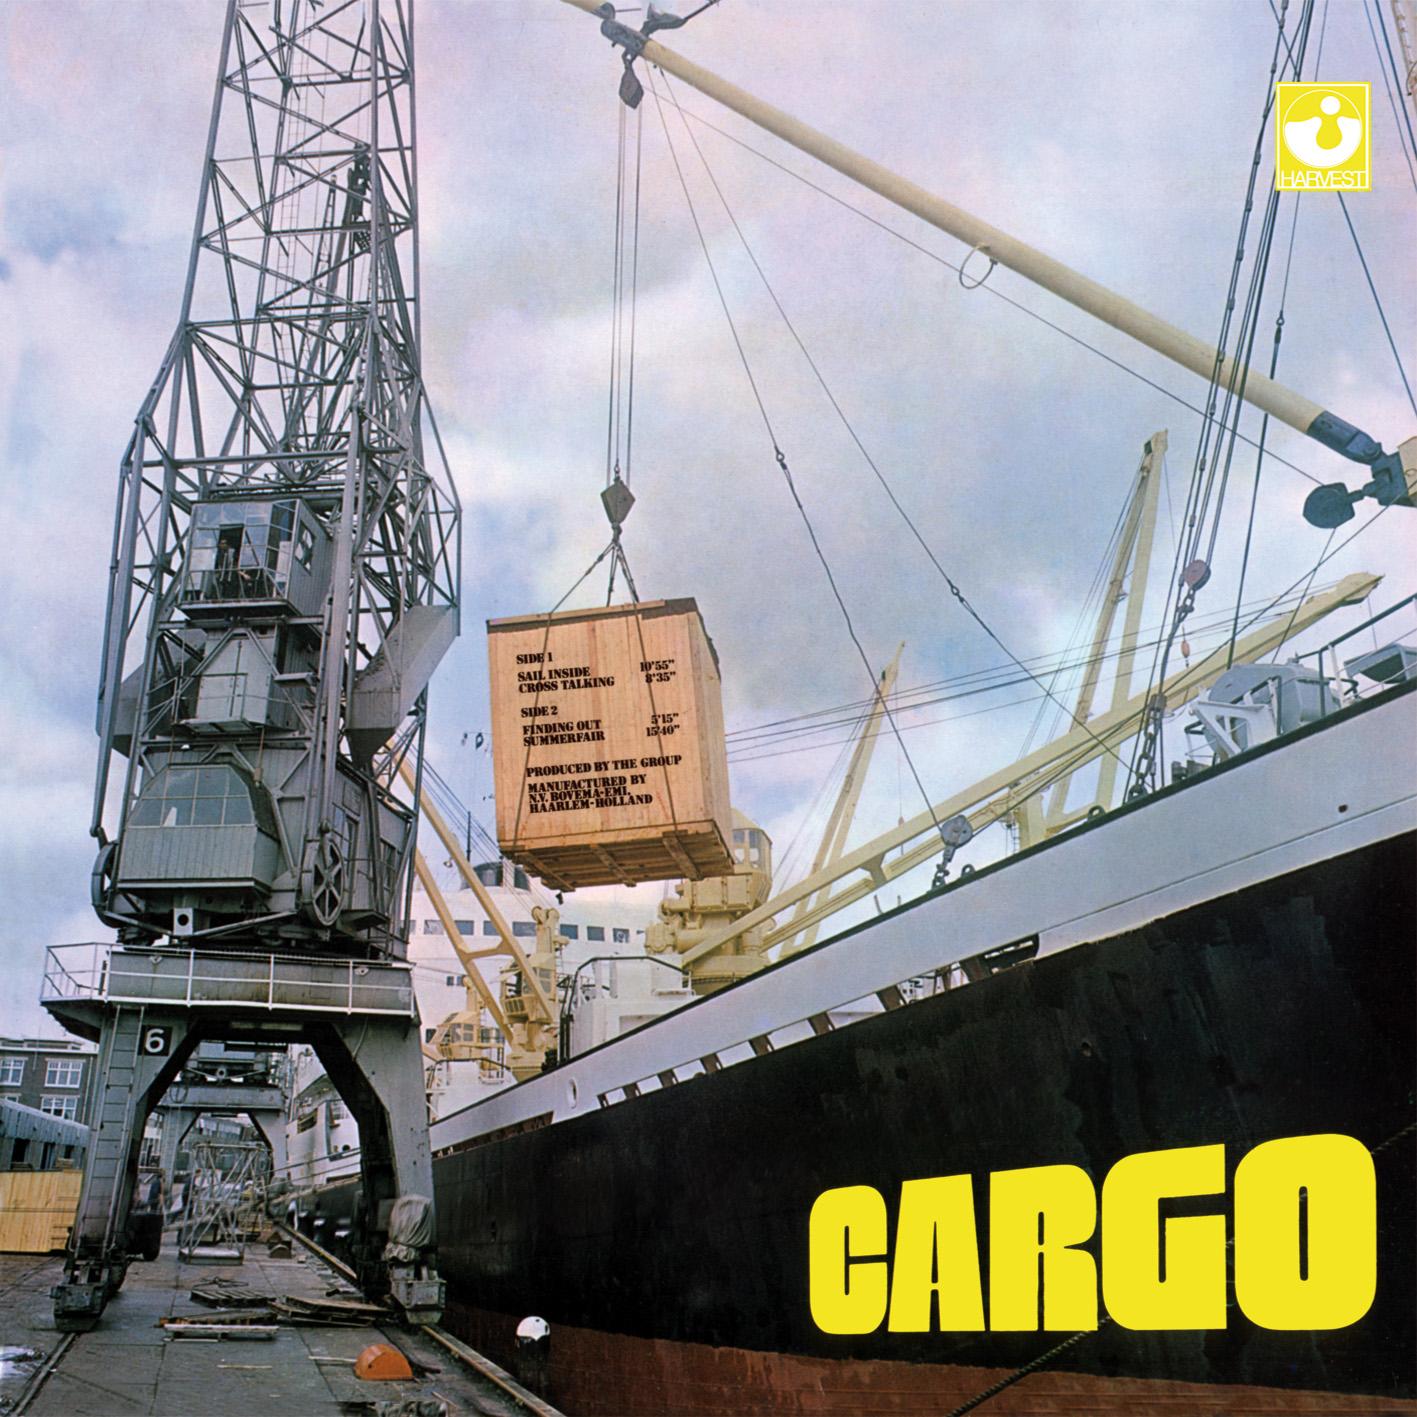 ¿Qué estáis escuchando ahora? - Página 5 Cargo